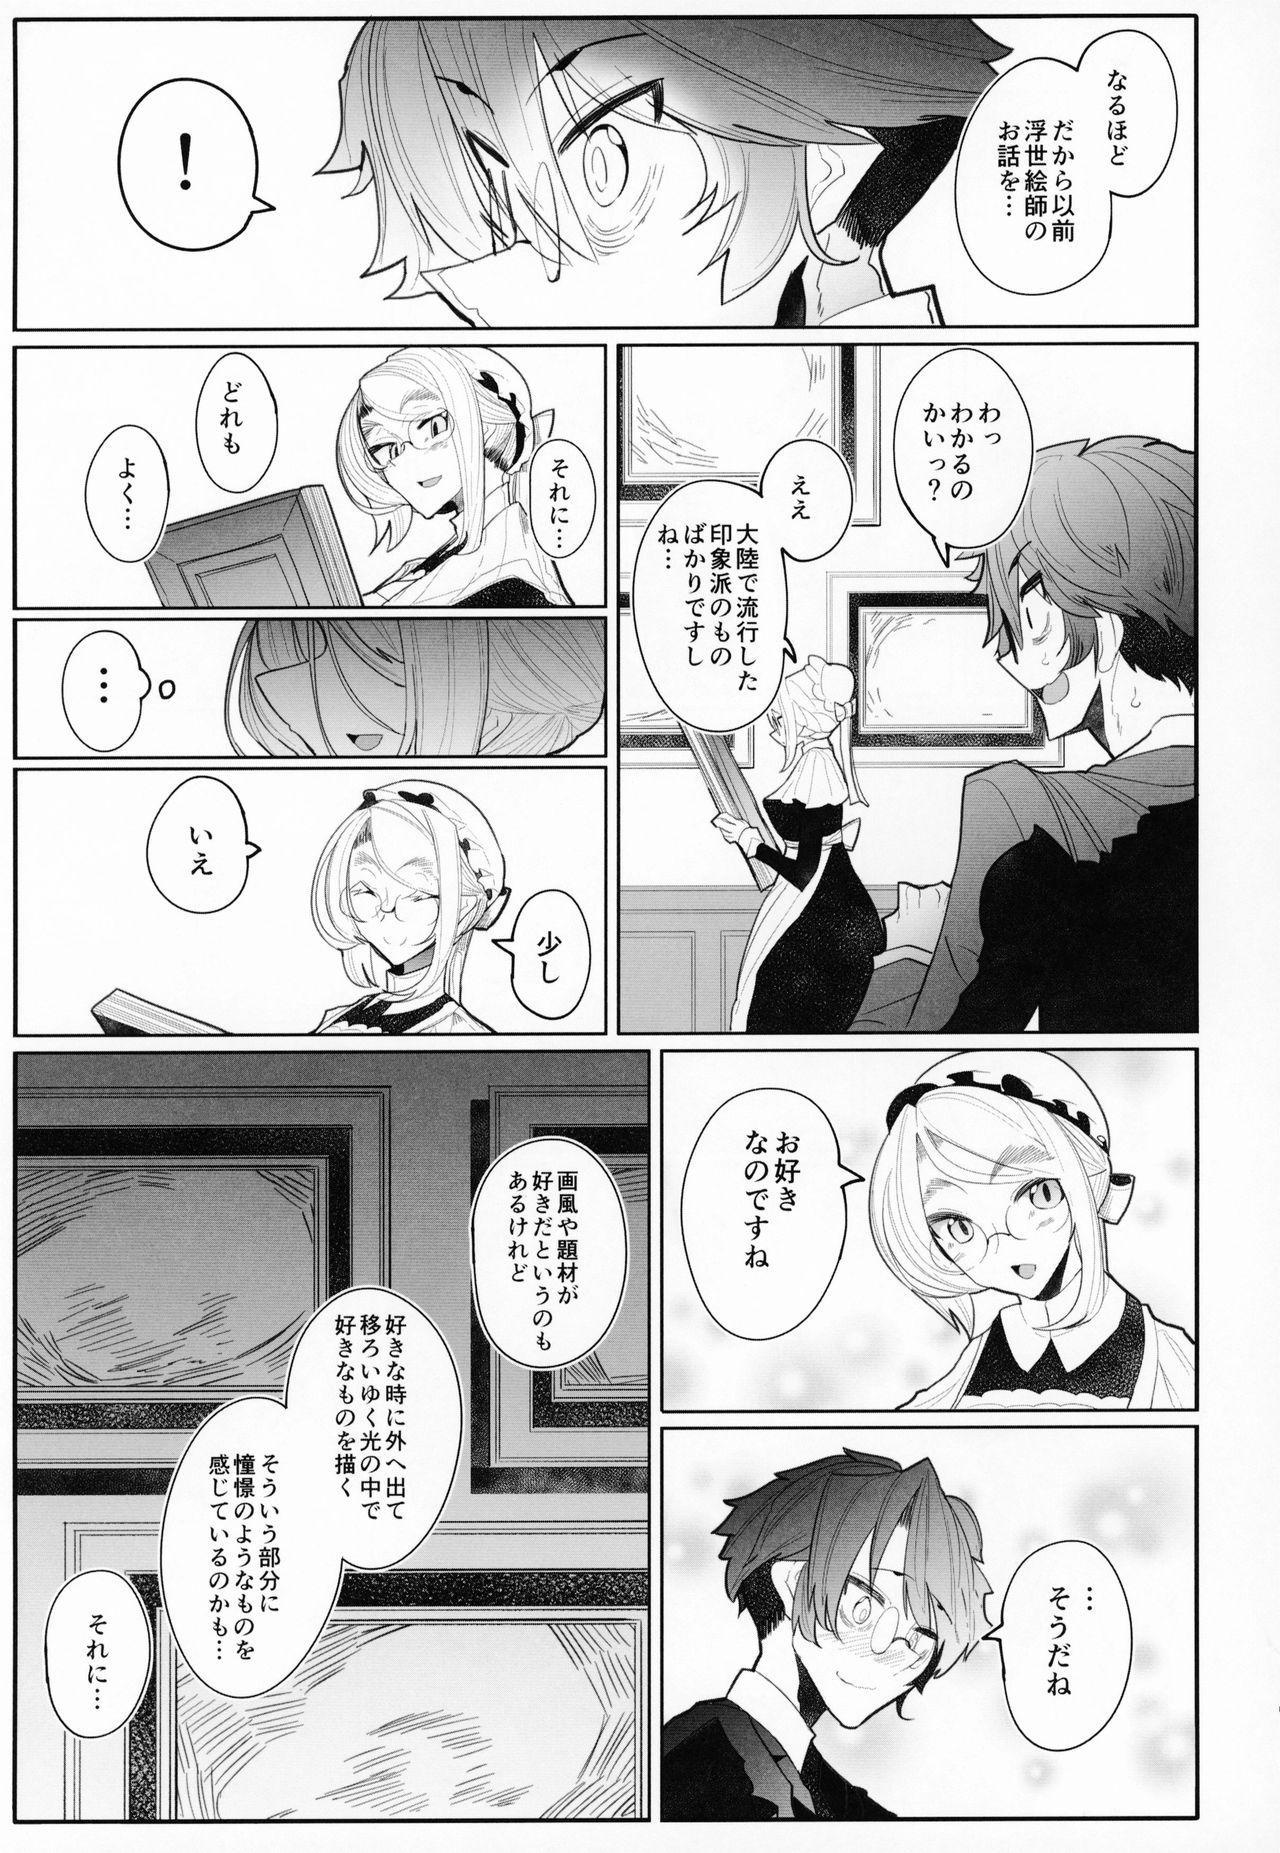 Shinshi Tsuki Maid no Sophie-san 3 13